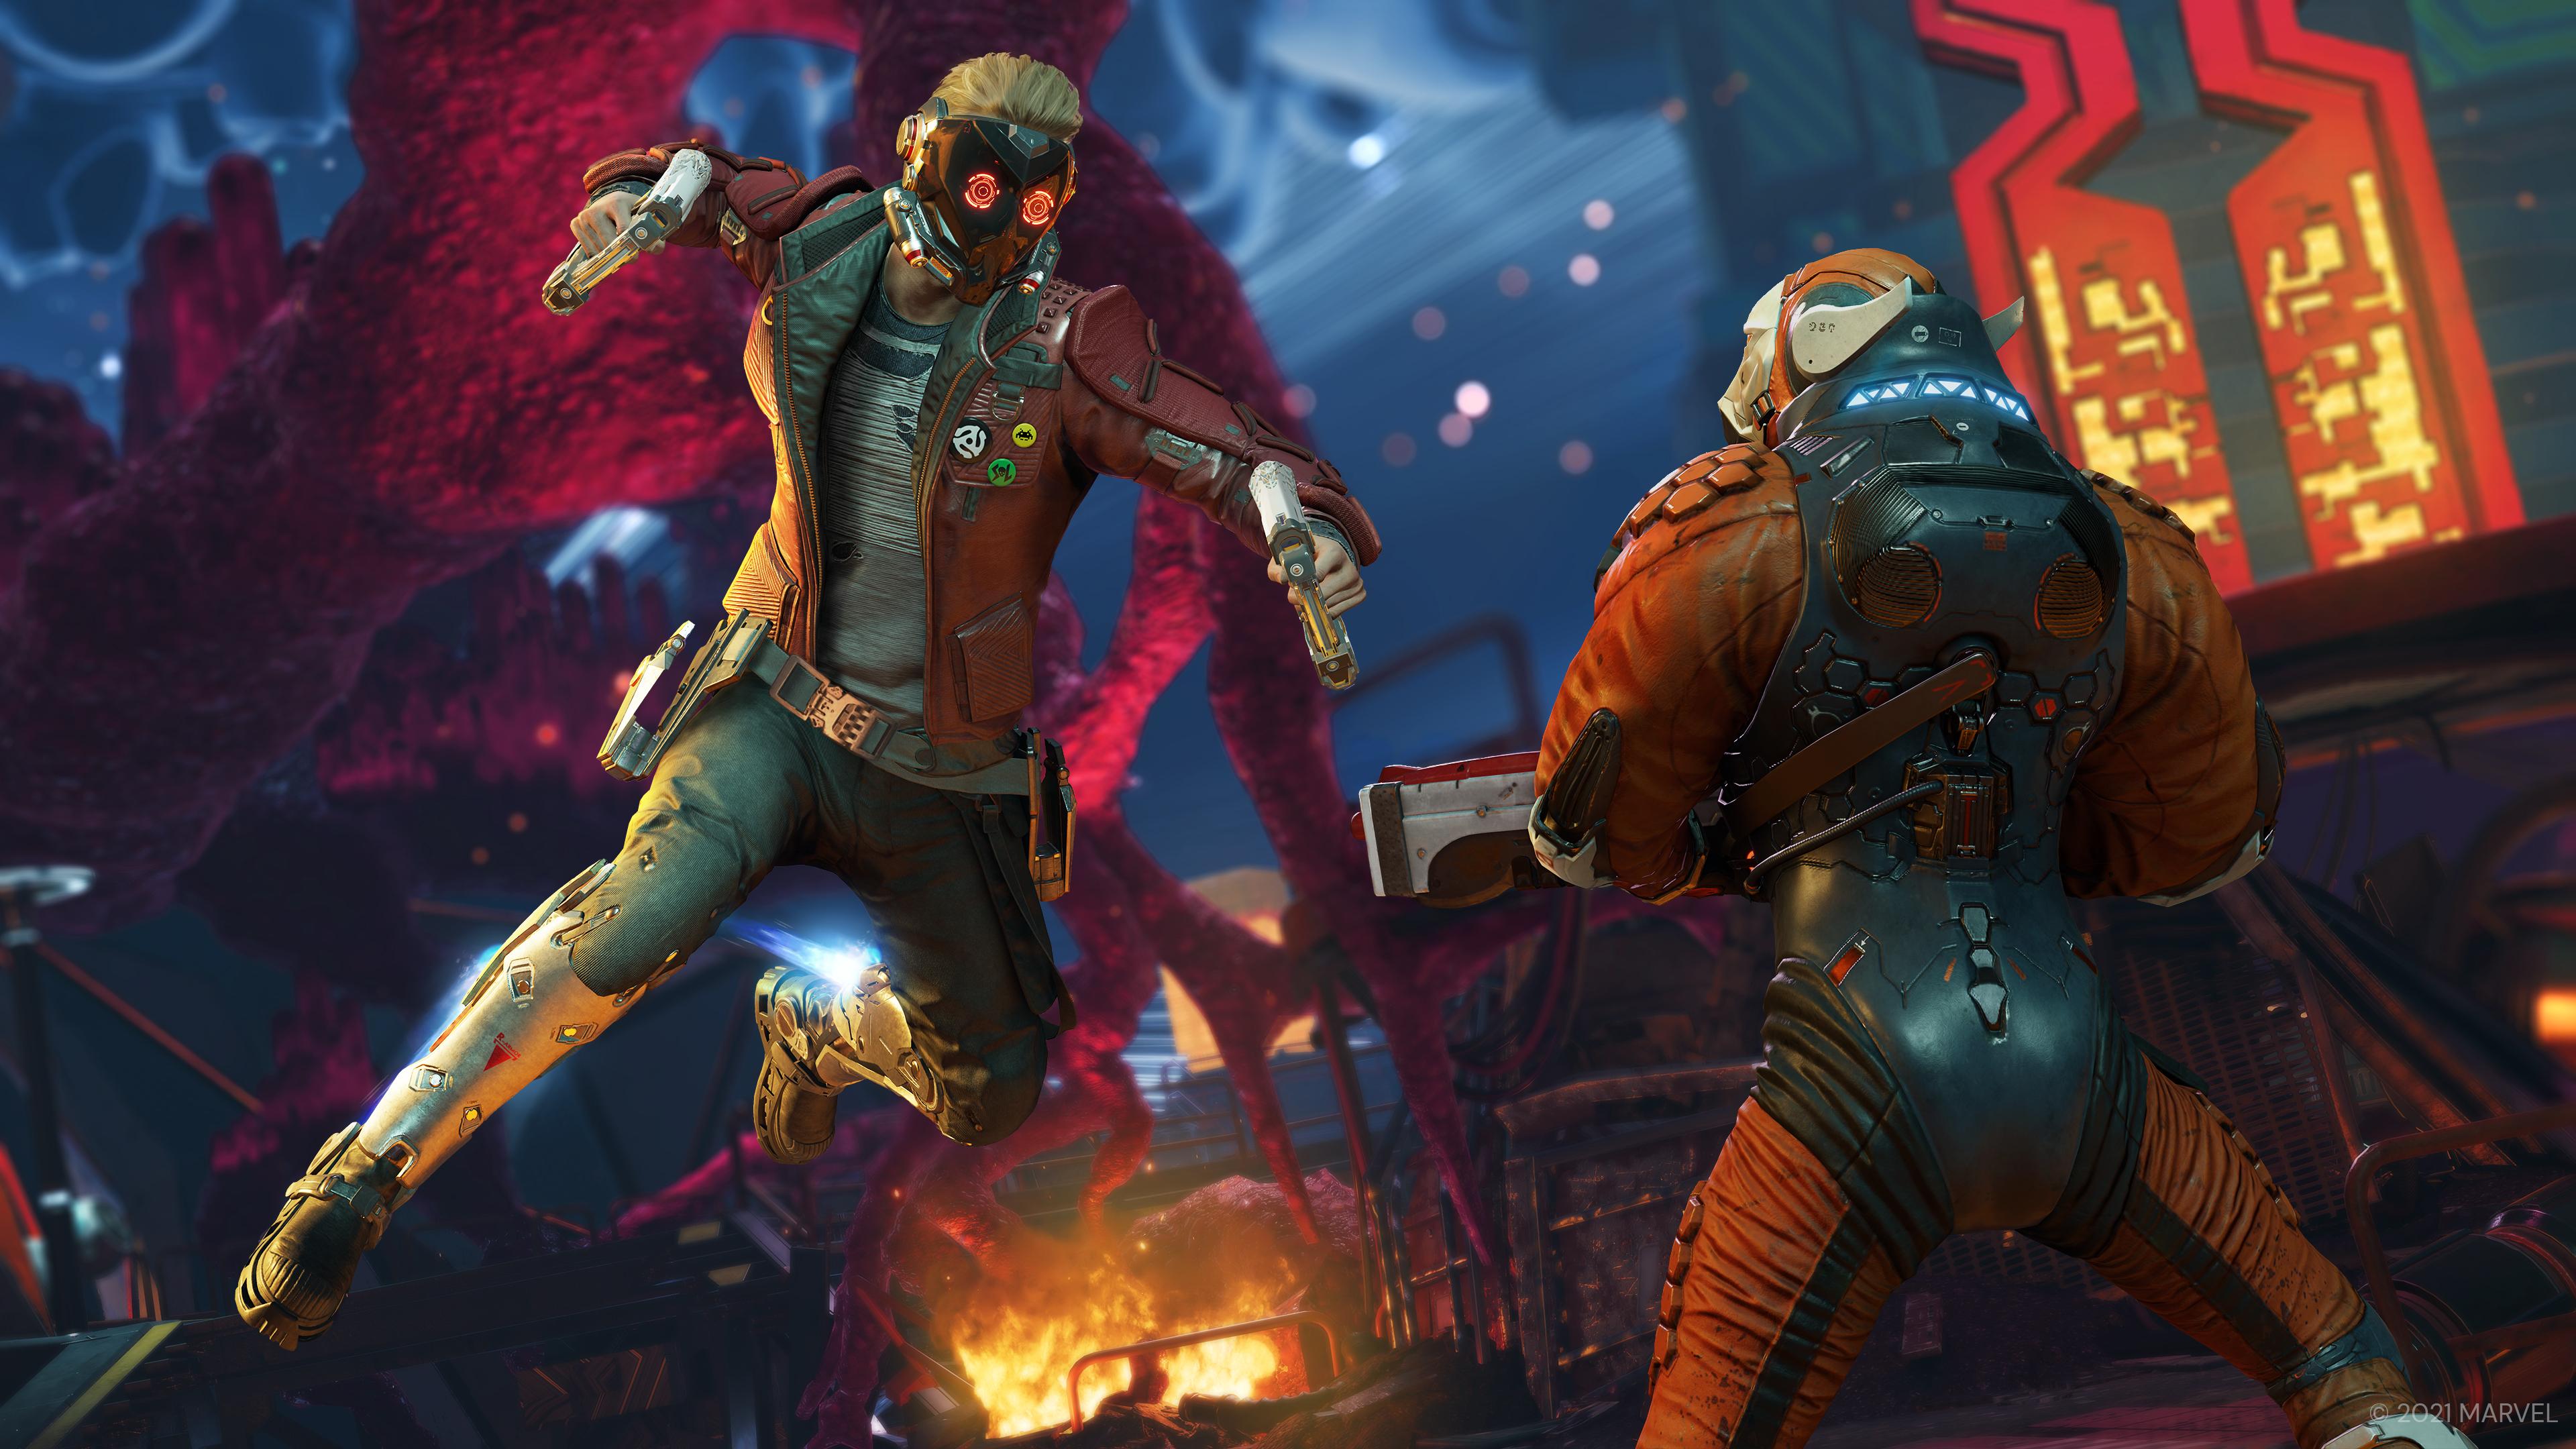 Скриншот №2 к «Стражи Галактики Marvel» цифровое издание Deluxe на PS4 и PS5